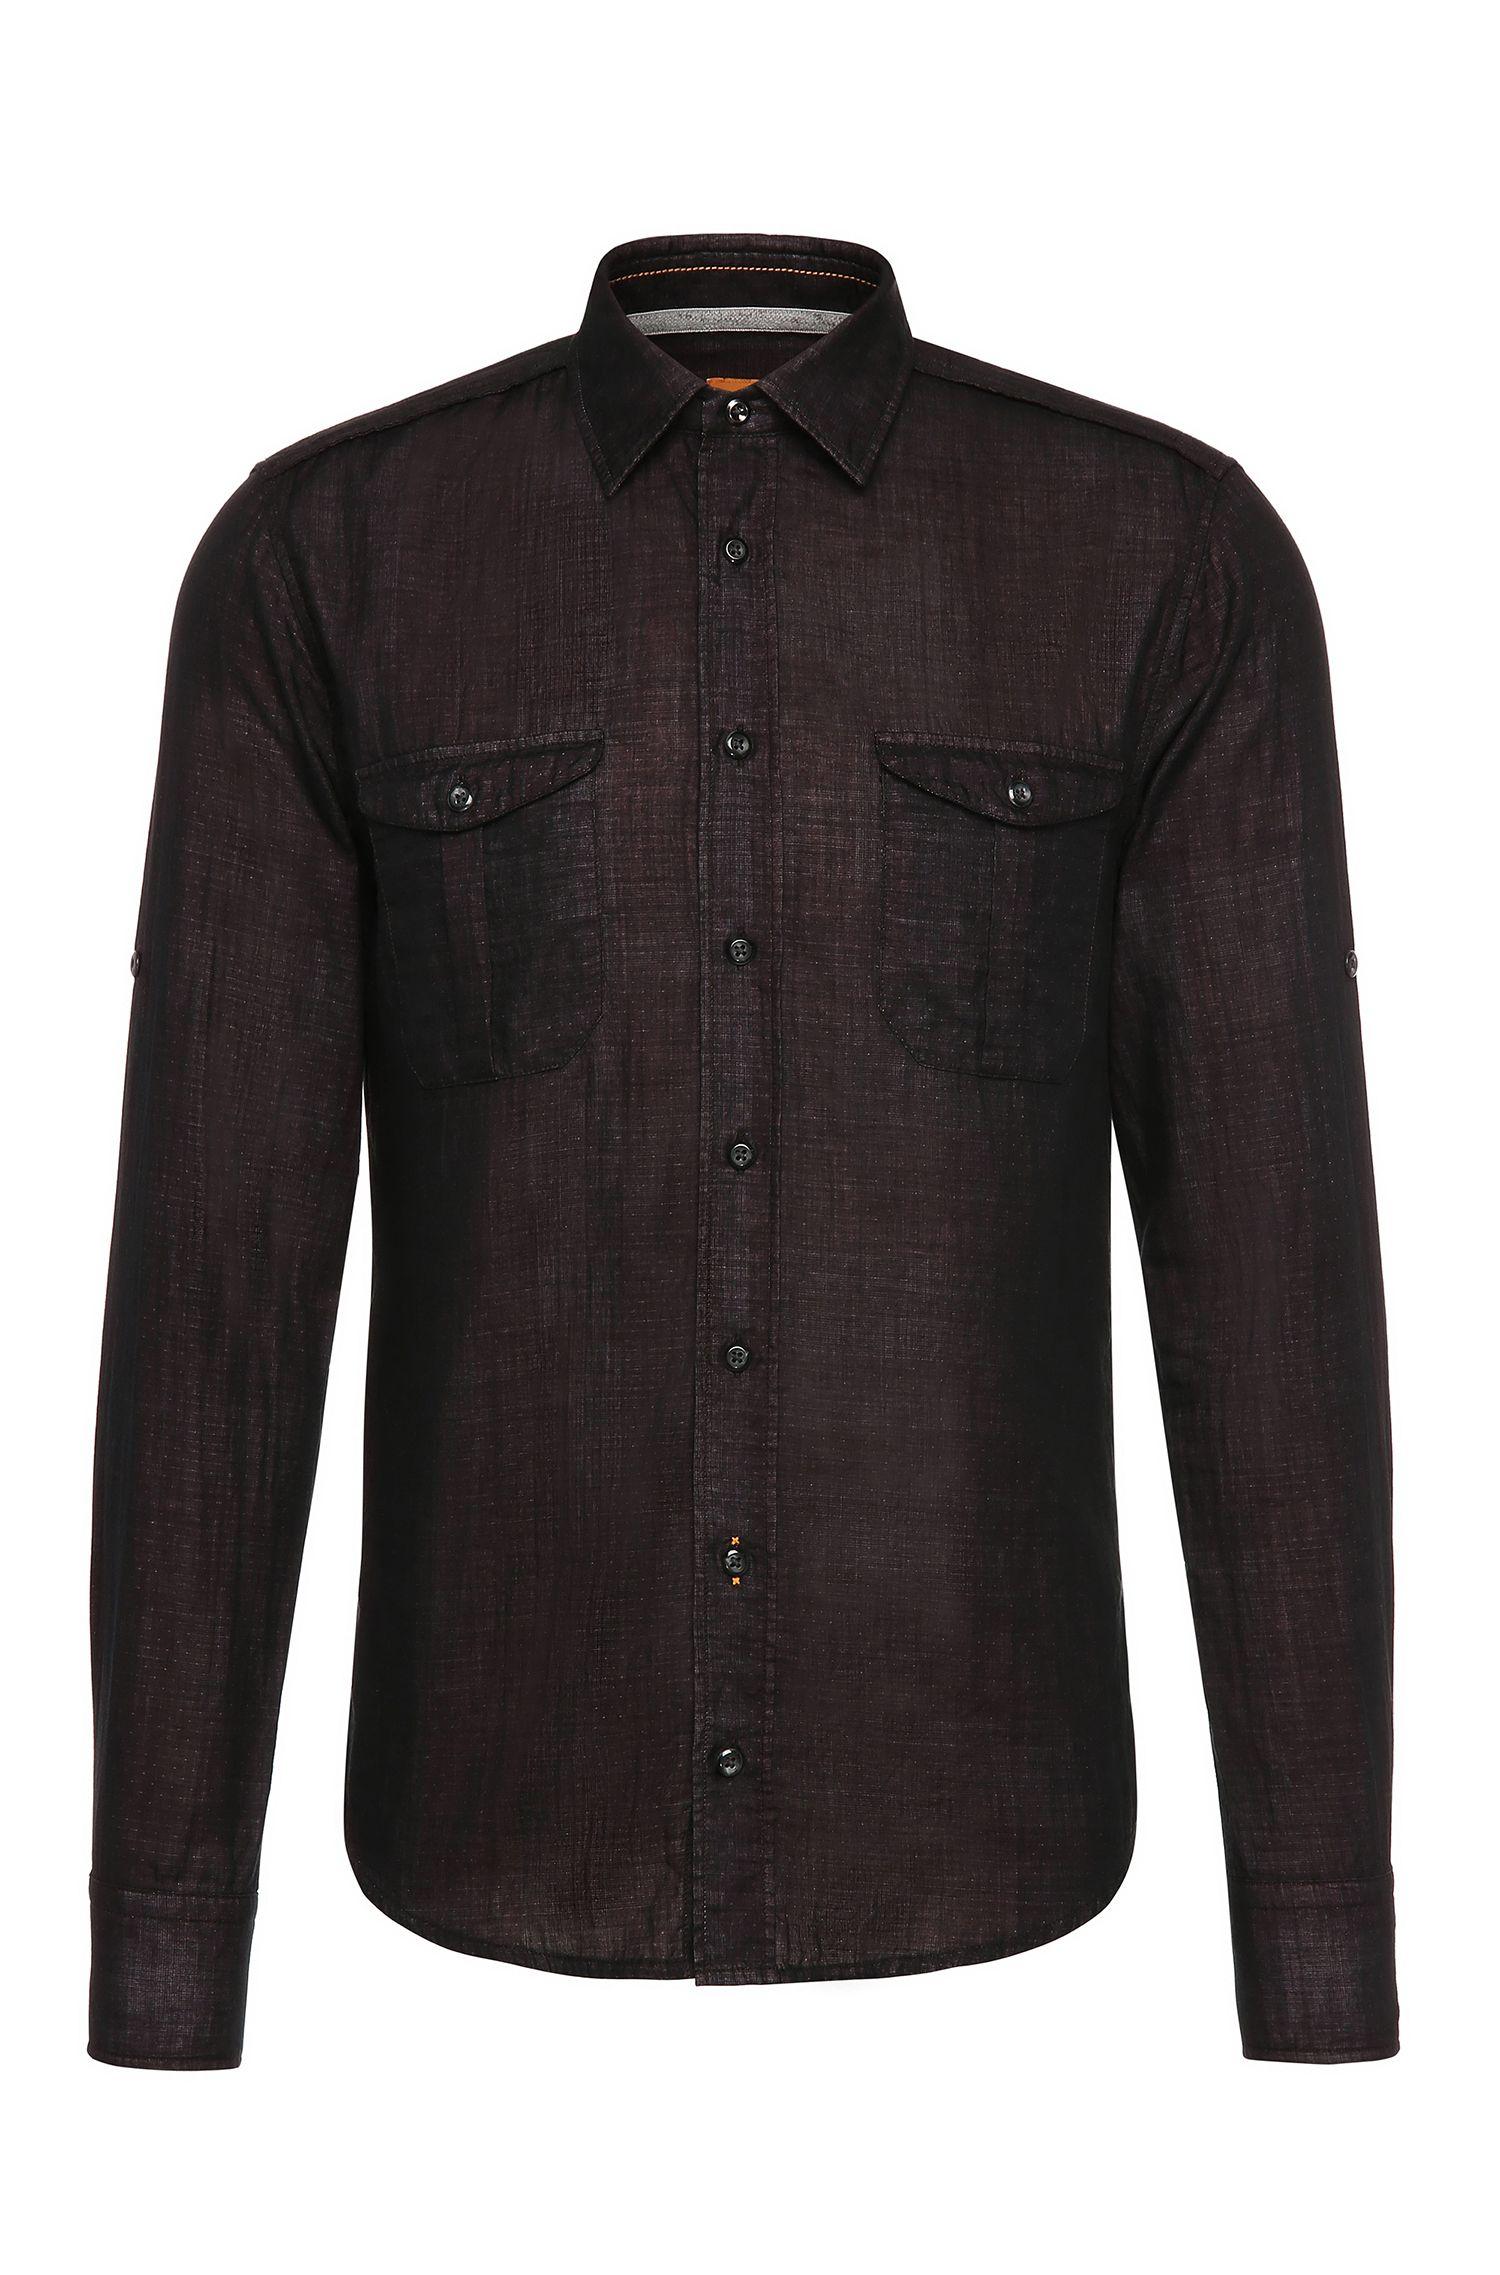 Cotton Sport Shirt, Slim Fit | CadettoE